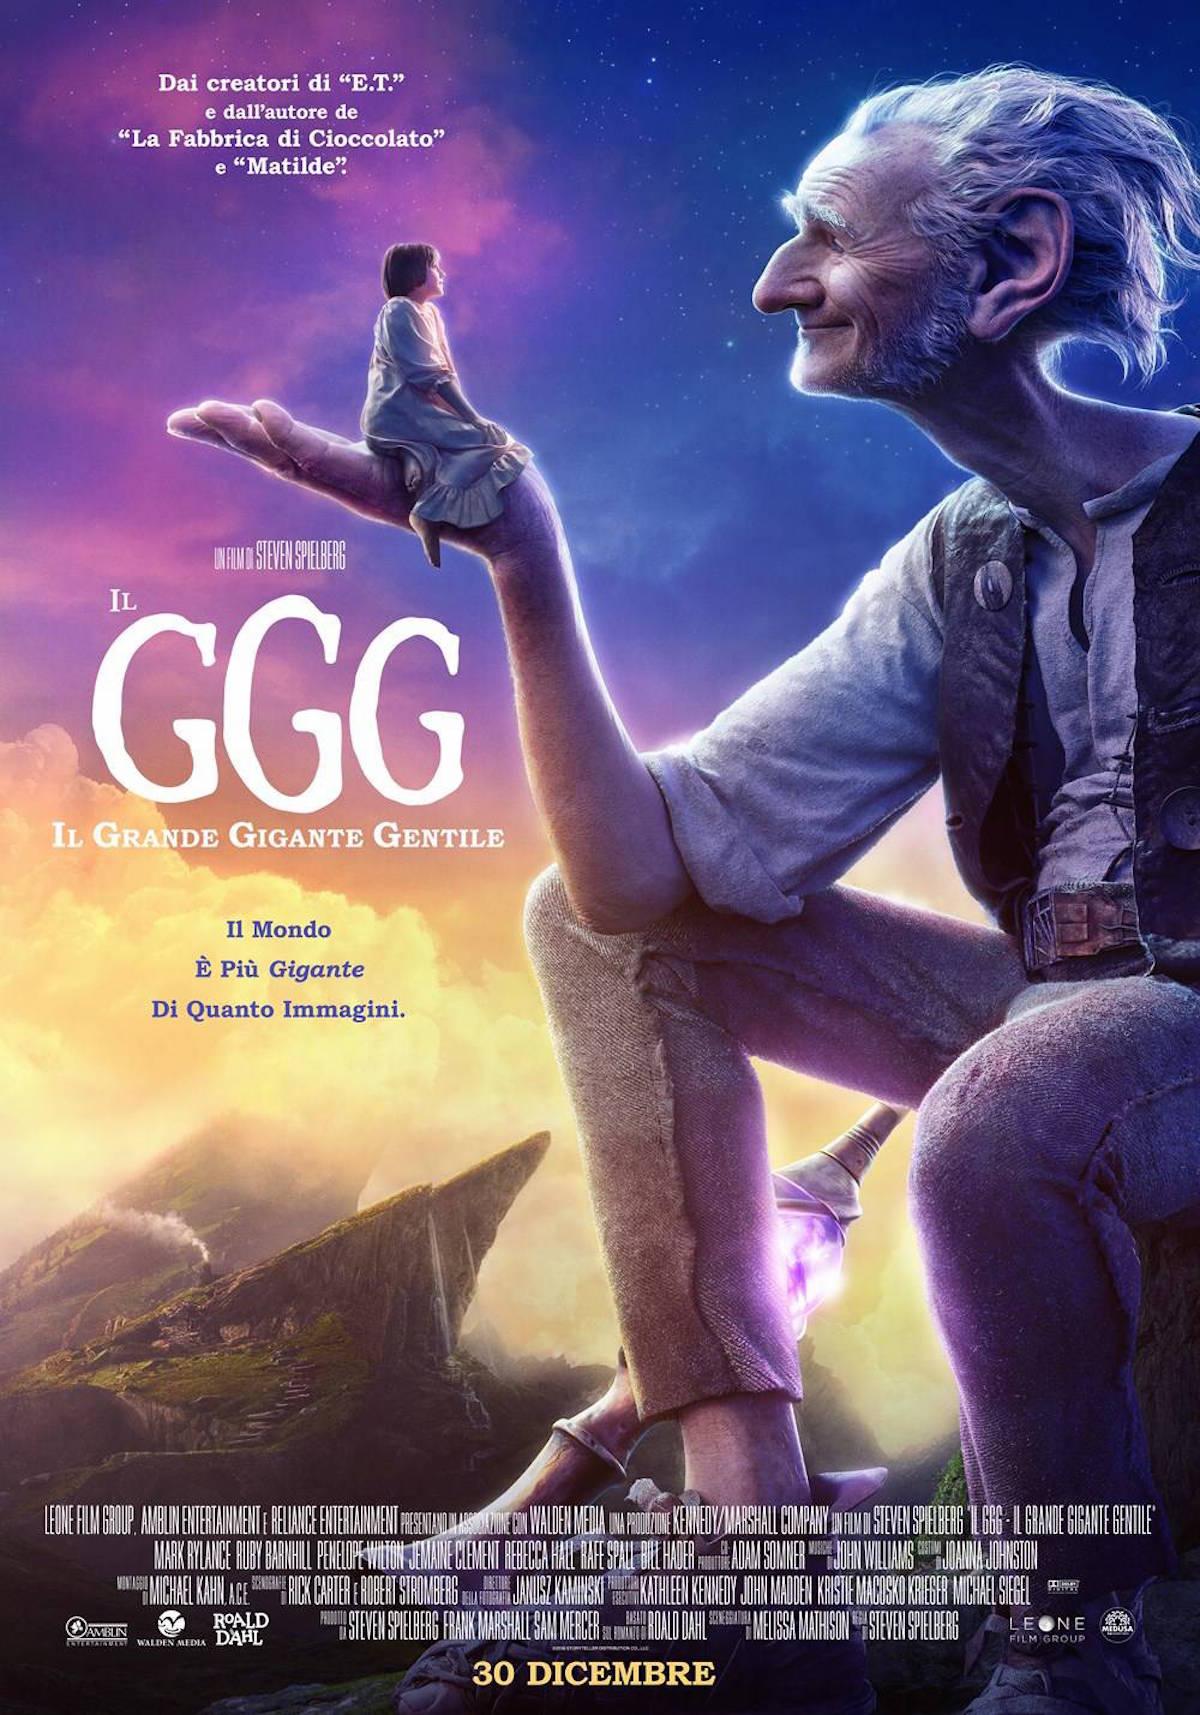 Film nelle sale 30 dicembre 2016